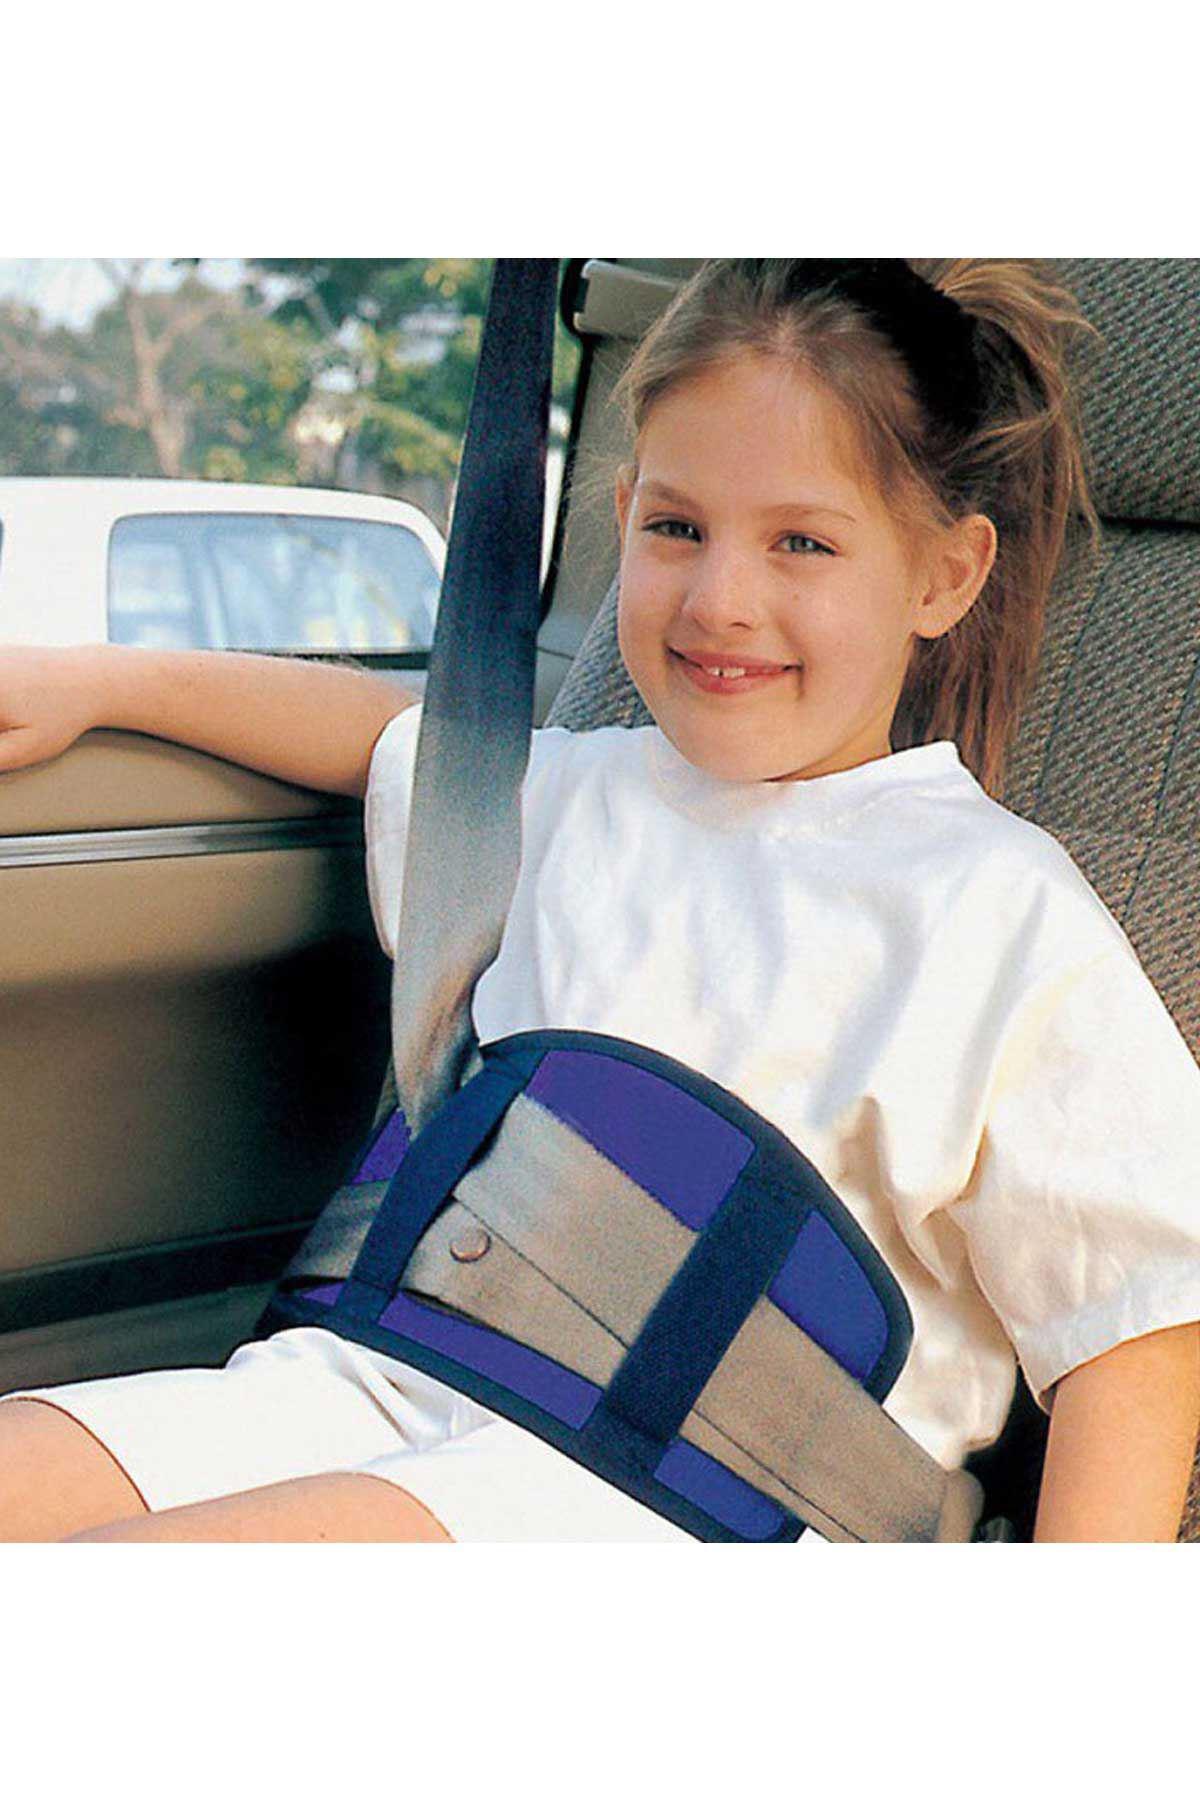 Mavi Bundera Soft Çocuk Emniyet Kemeri Düzenleyici Oto Emniyet Kemeri Tutucu